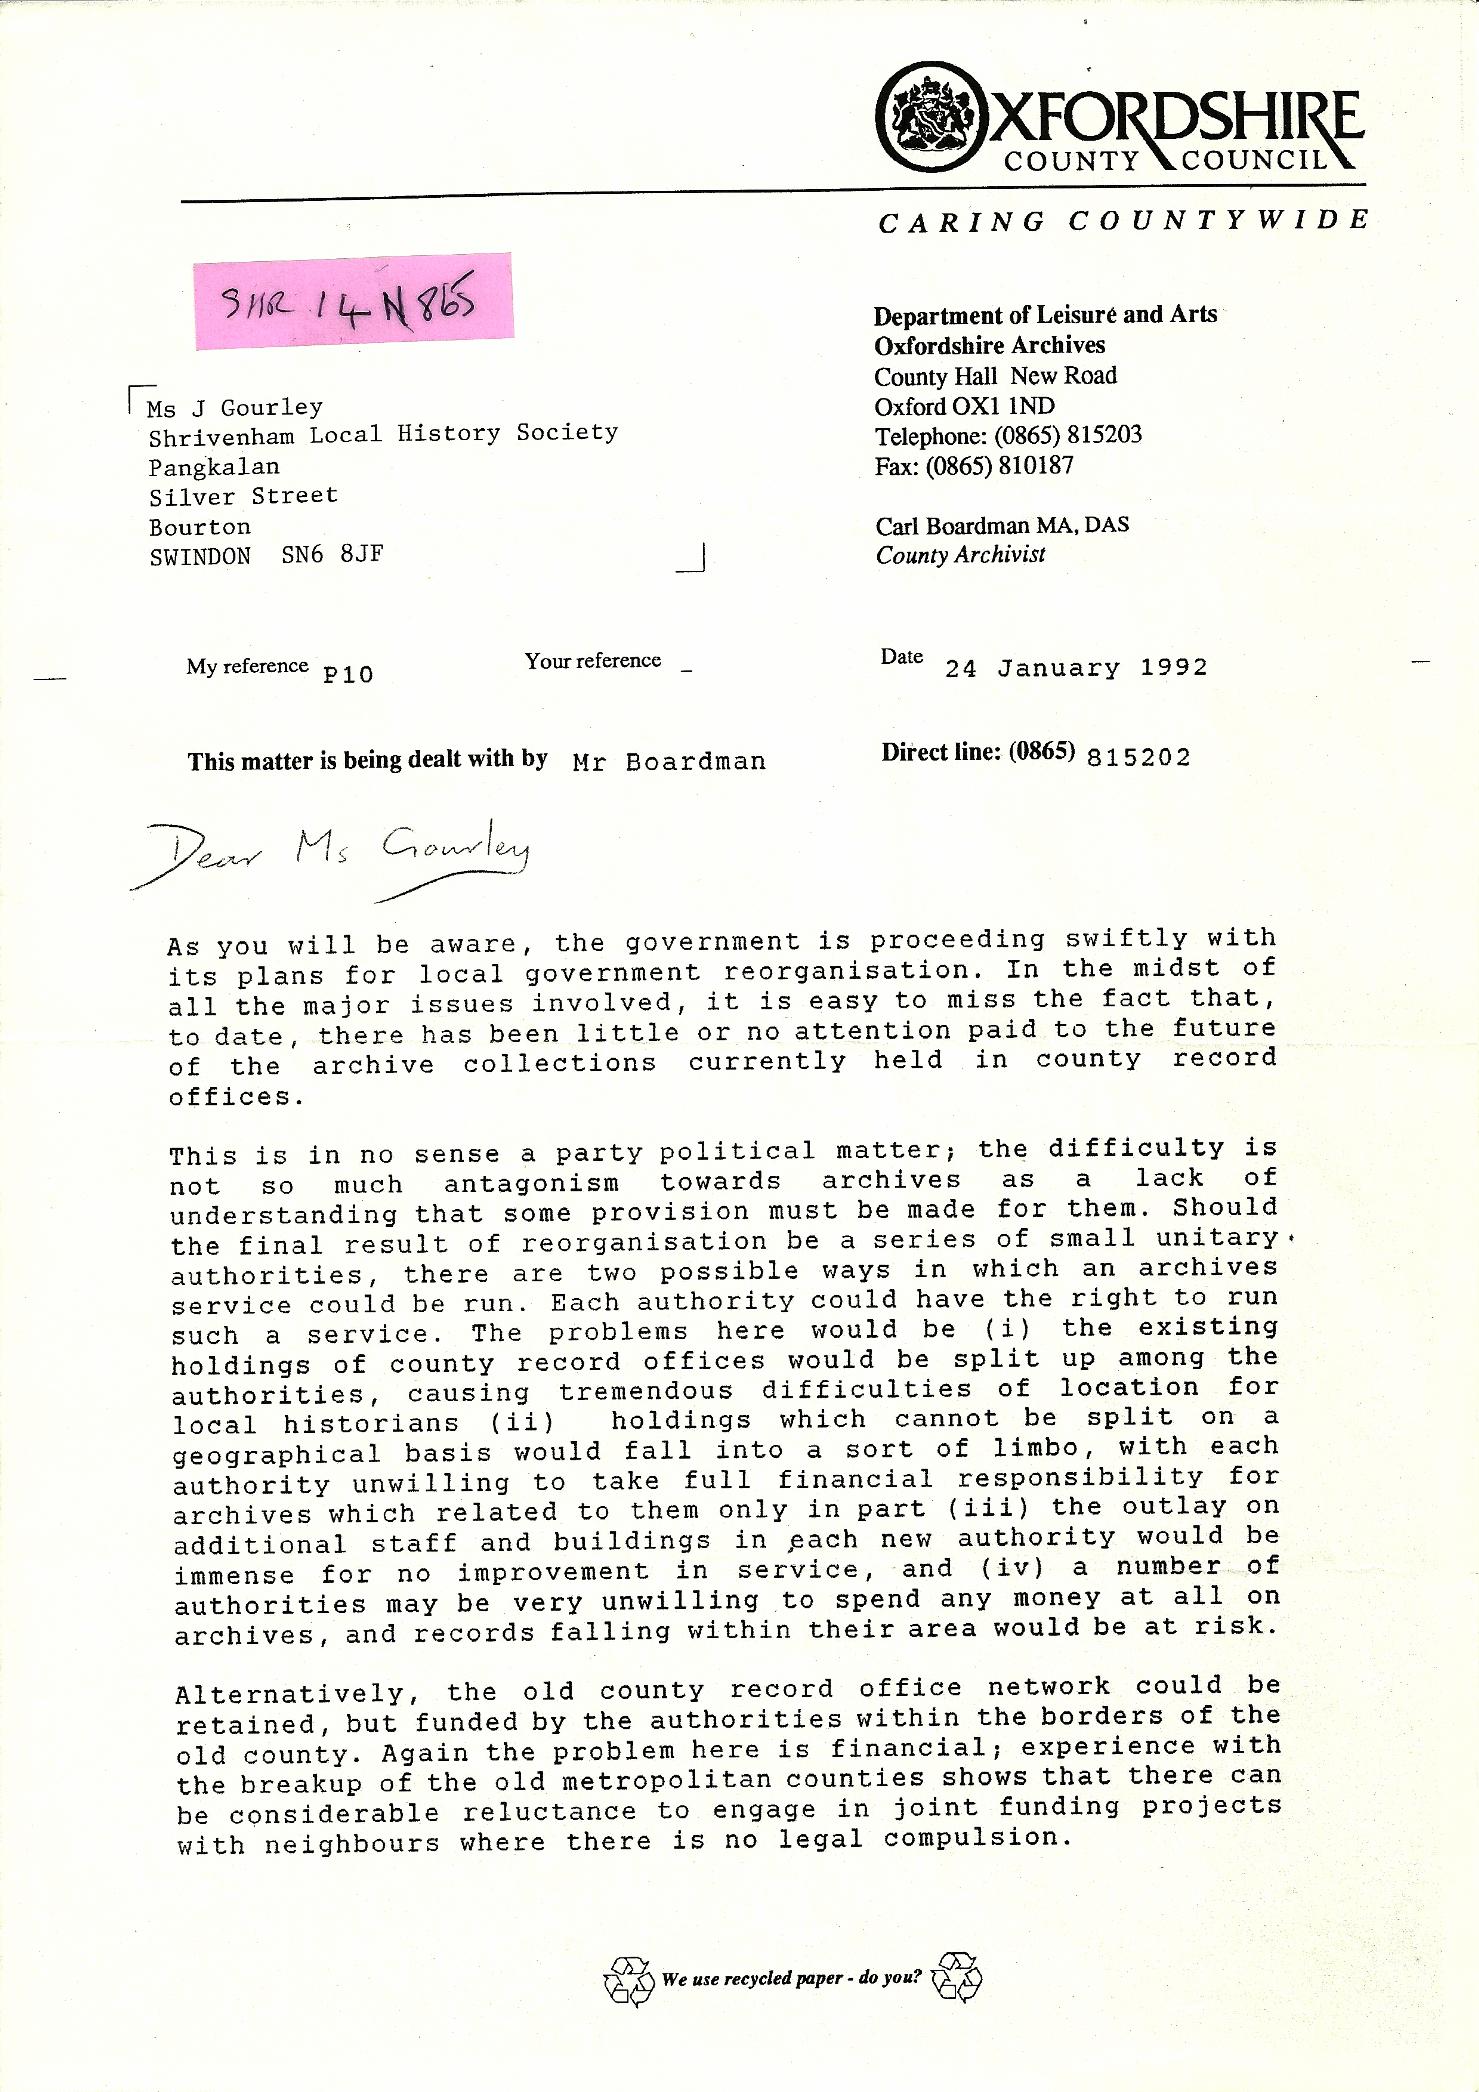 Oxfordshire CC Letter Page 1